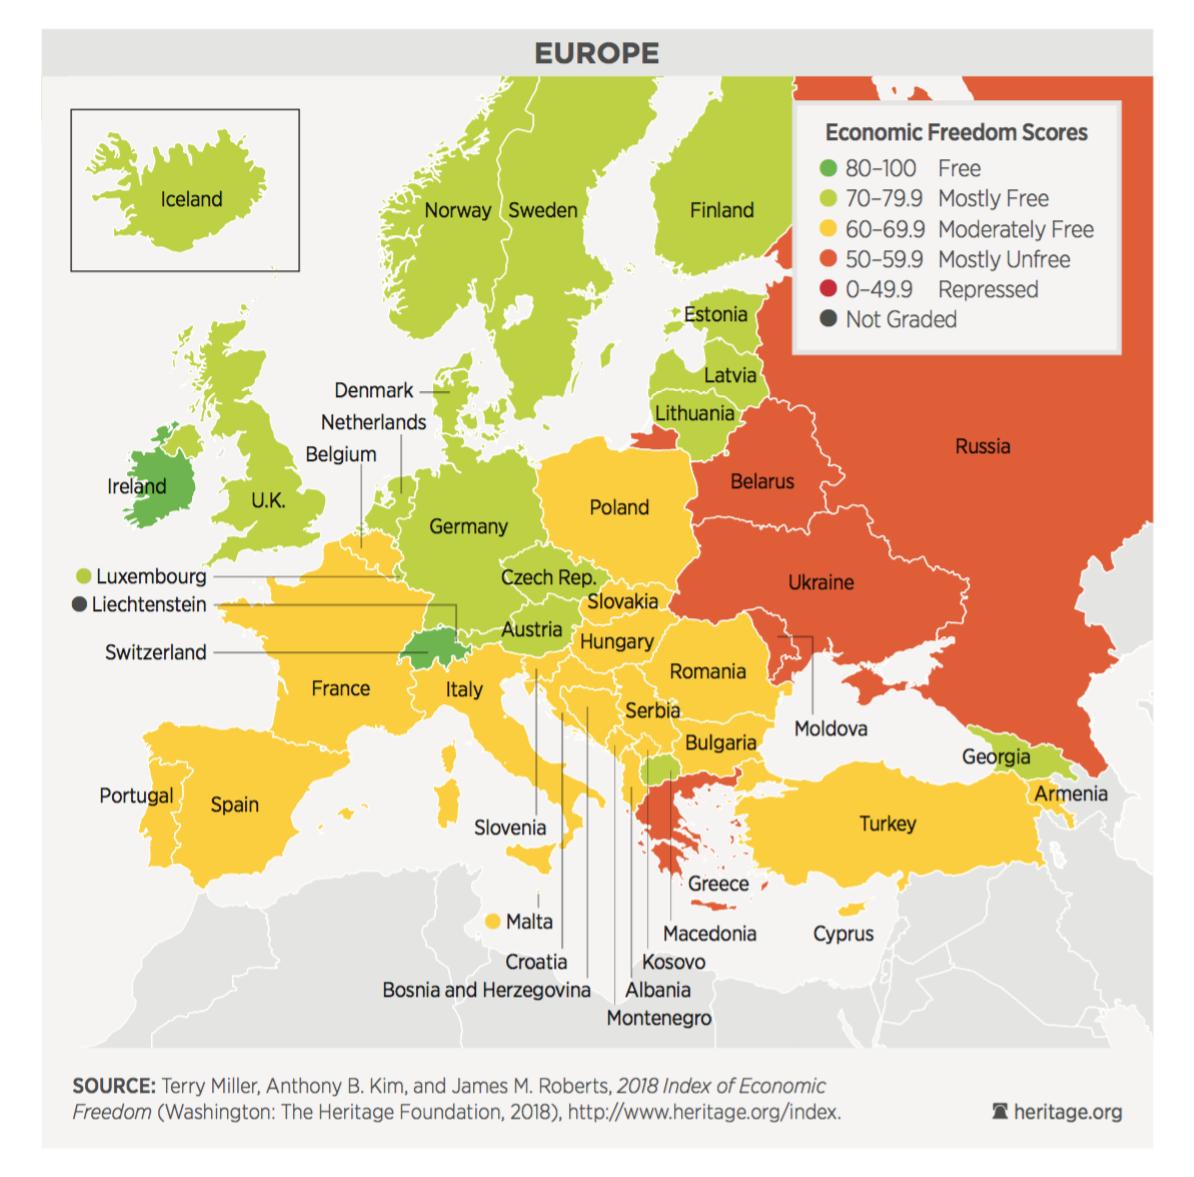 Irlanda y Estonia se sitúan como los dos referentes liberales de la ...